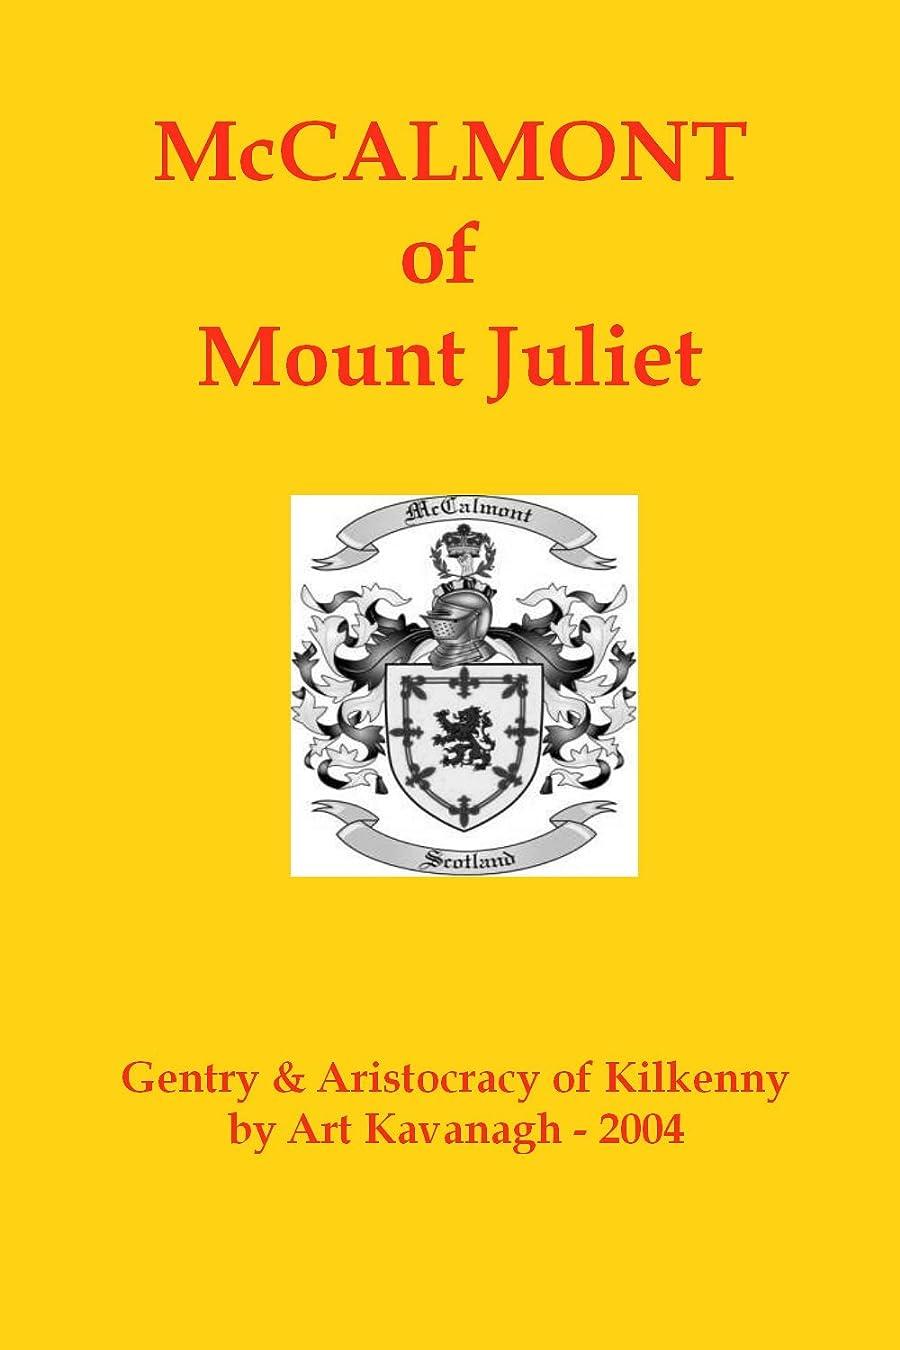 士気錆び人気のMcCalmont of Mount Juliet (The Gentry & Aristocracy of Kilkenny) (English Edition)